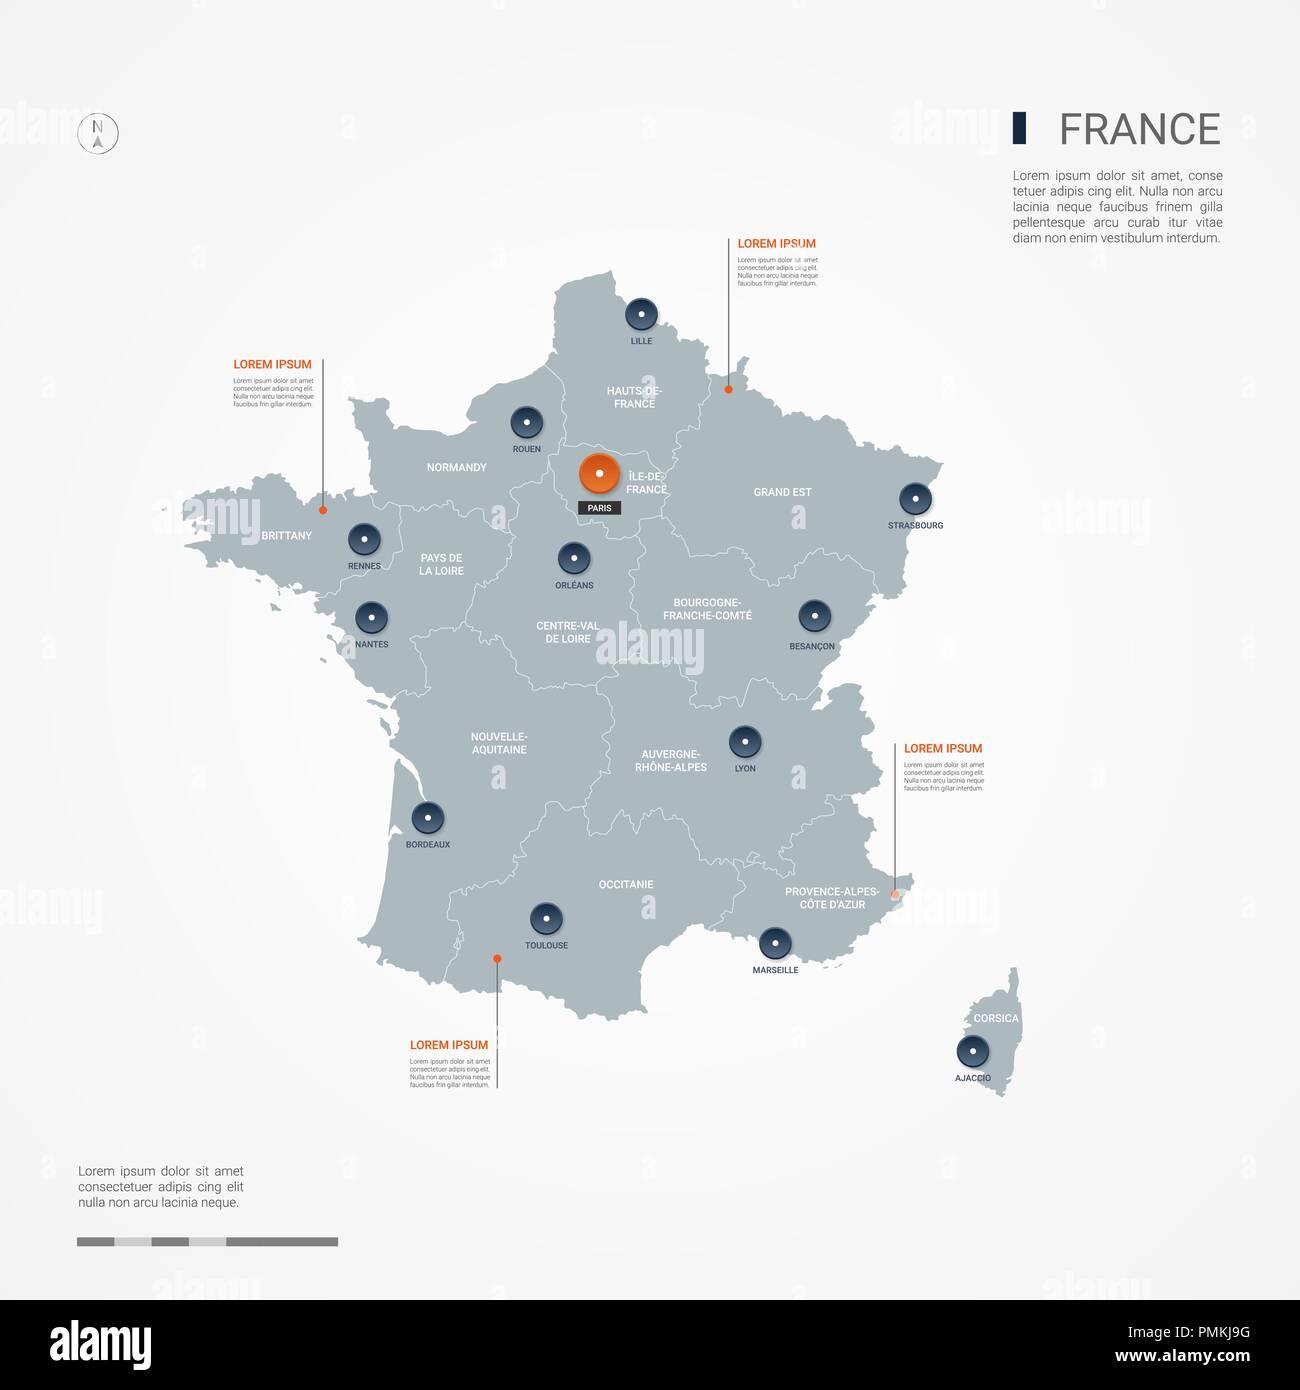 Frankreich Karte Stadte.Frankreich Karte Mit Grenzen Stadte Kapital Und